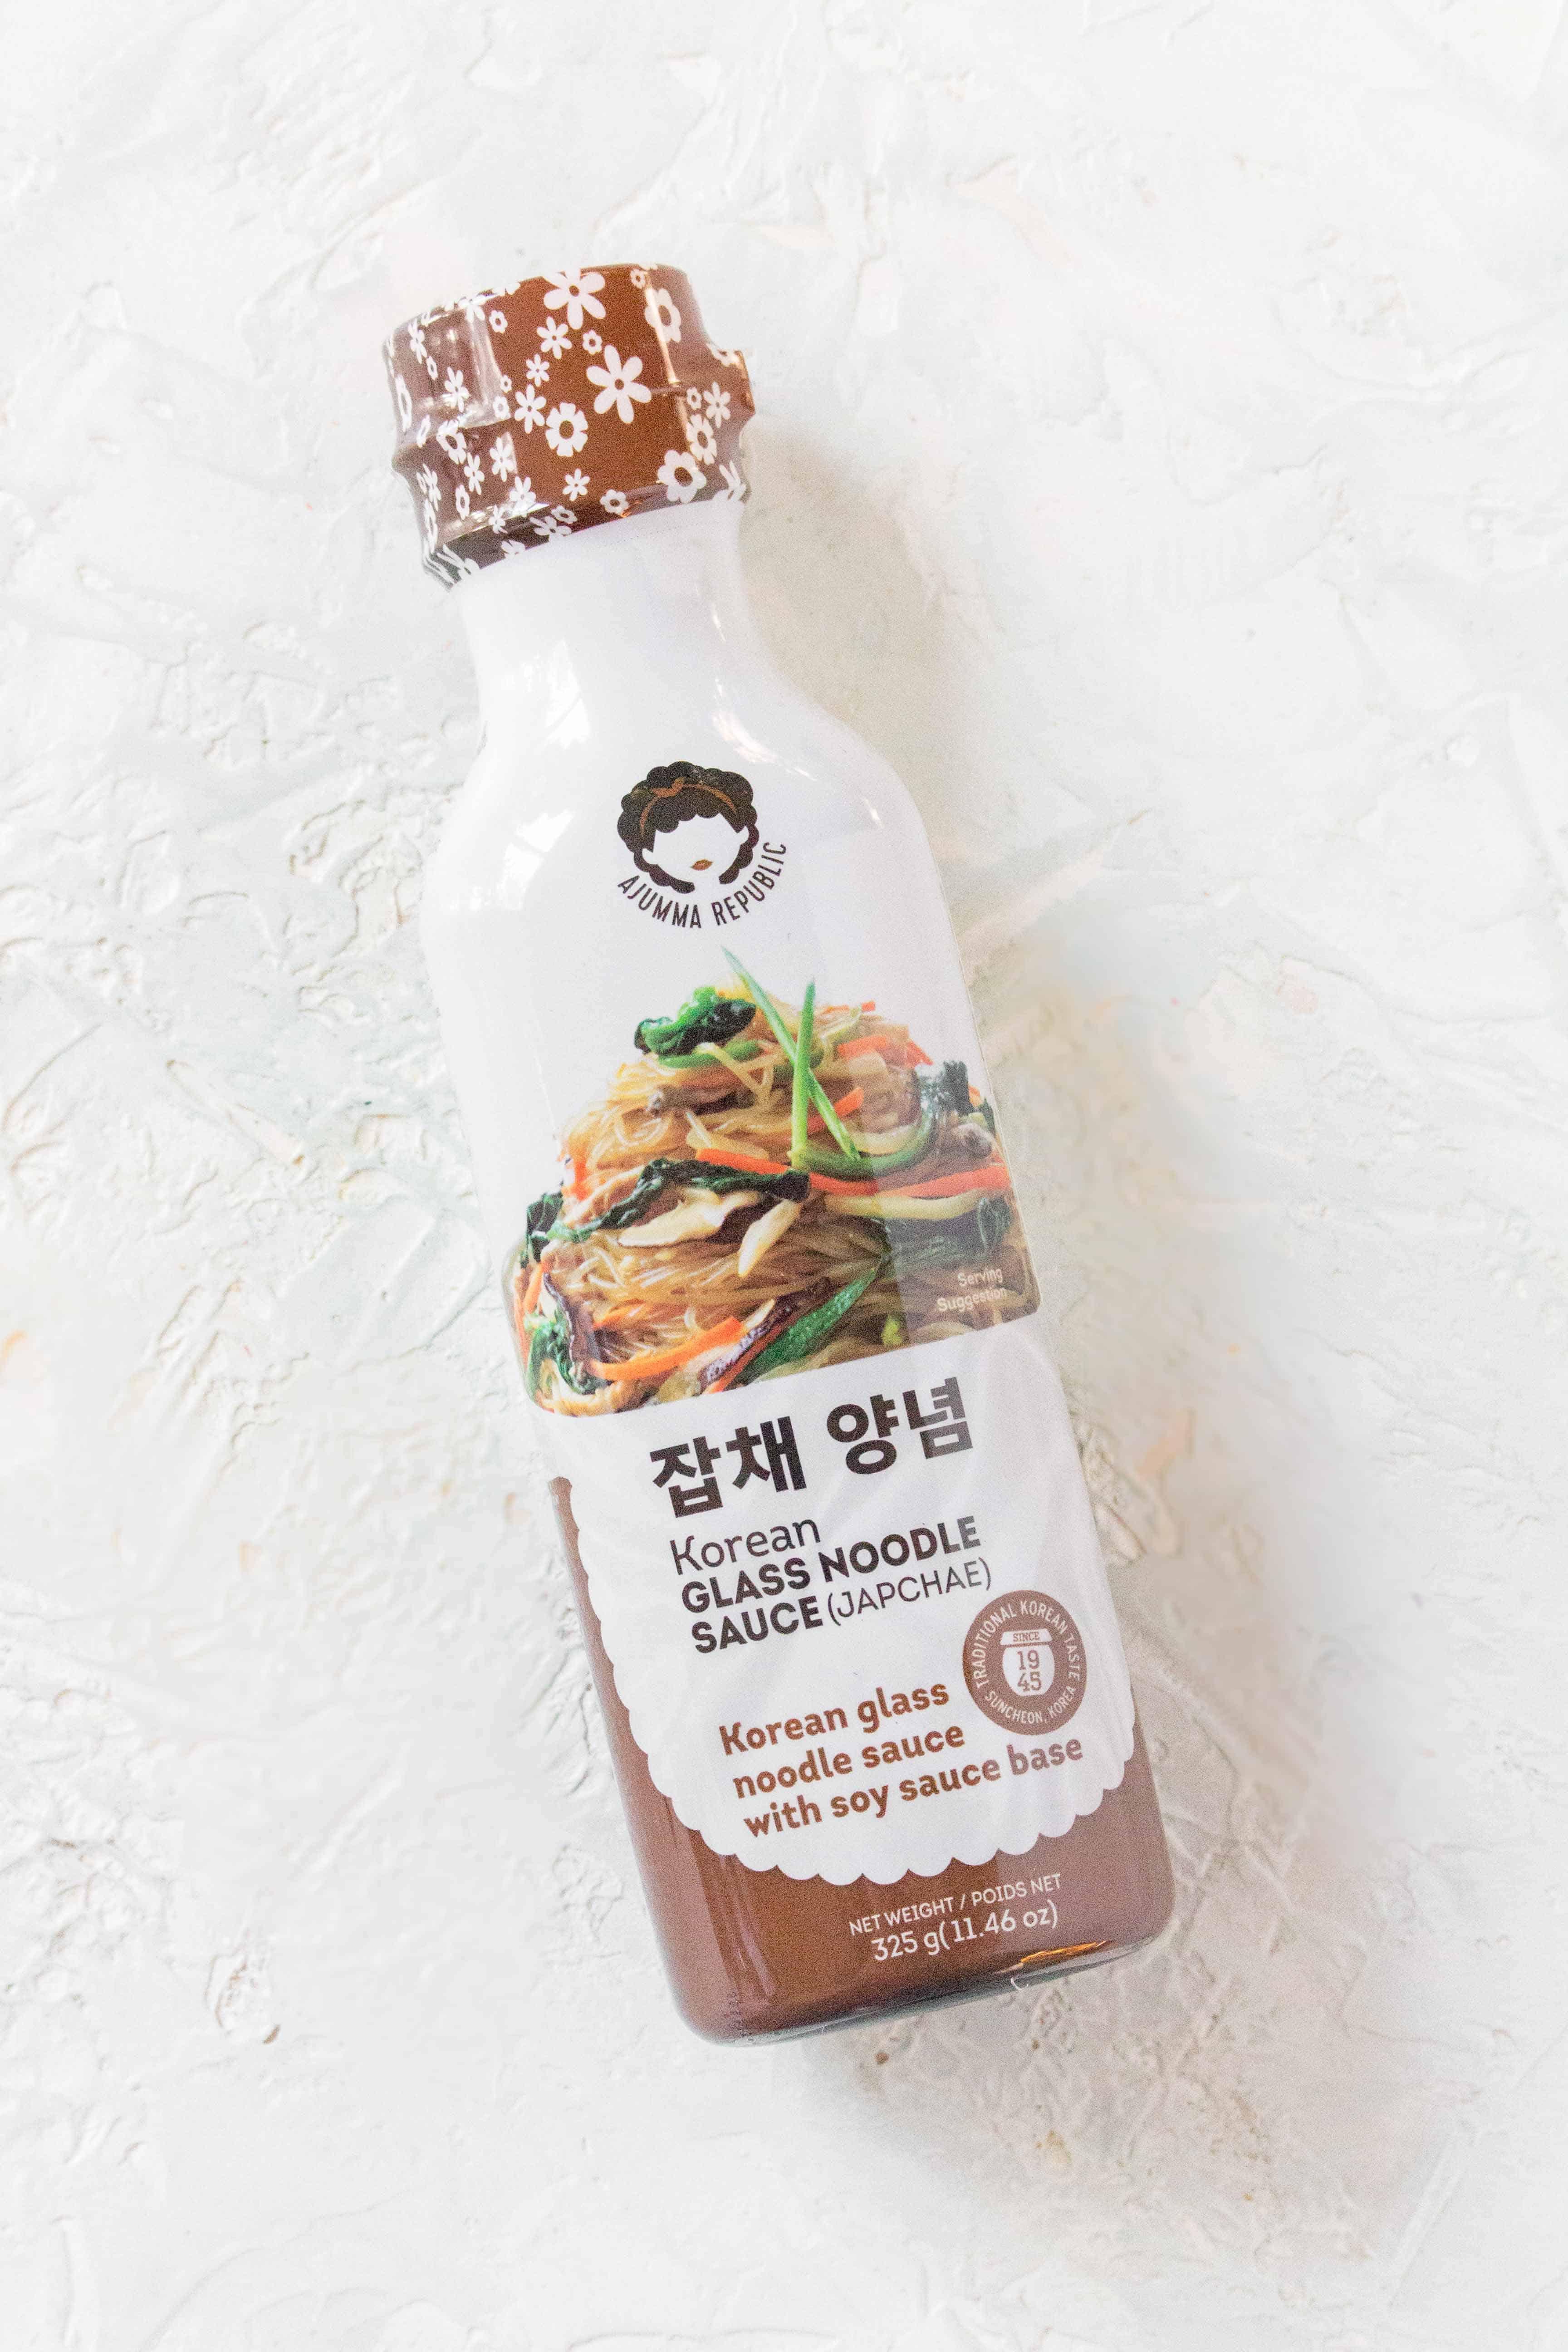 japchae sauce